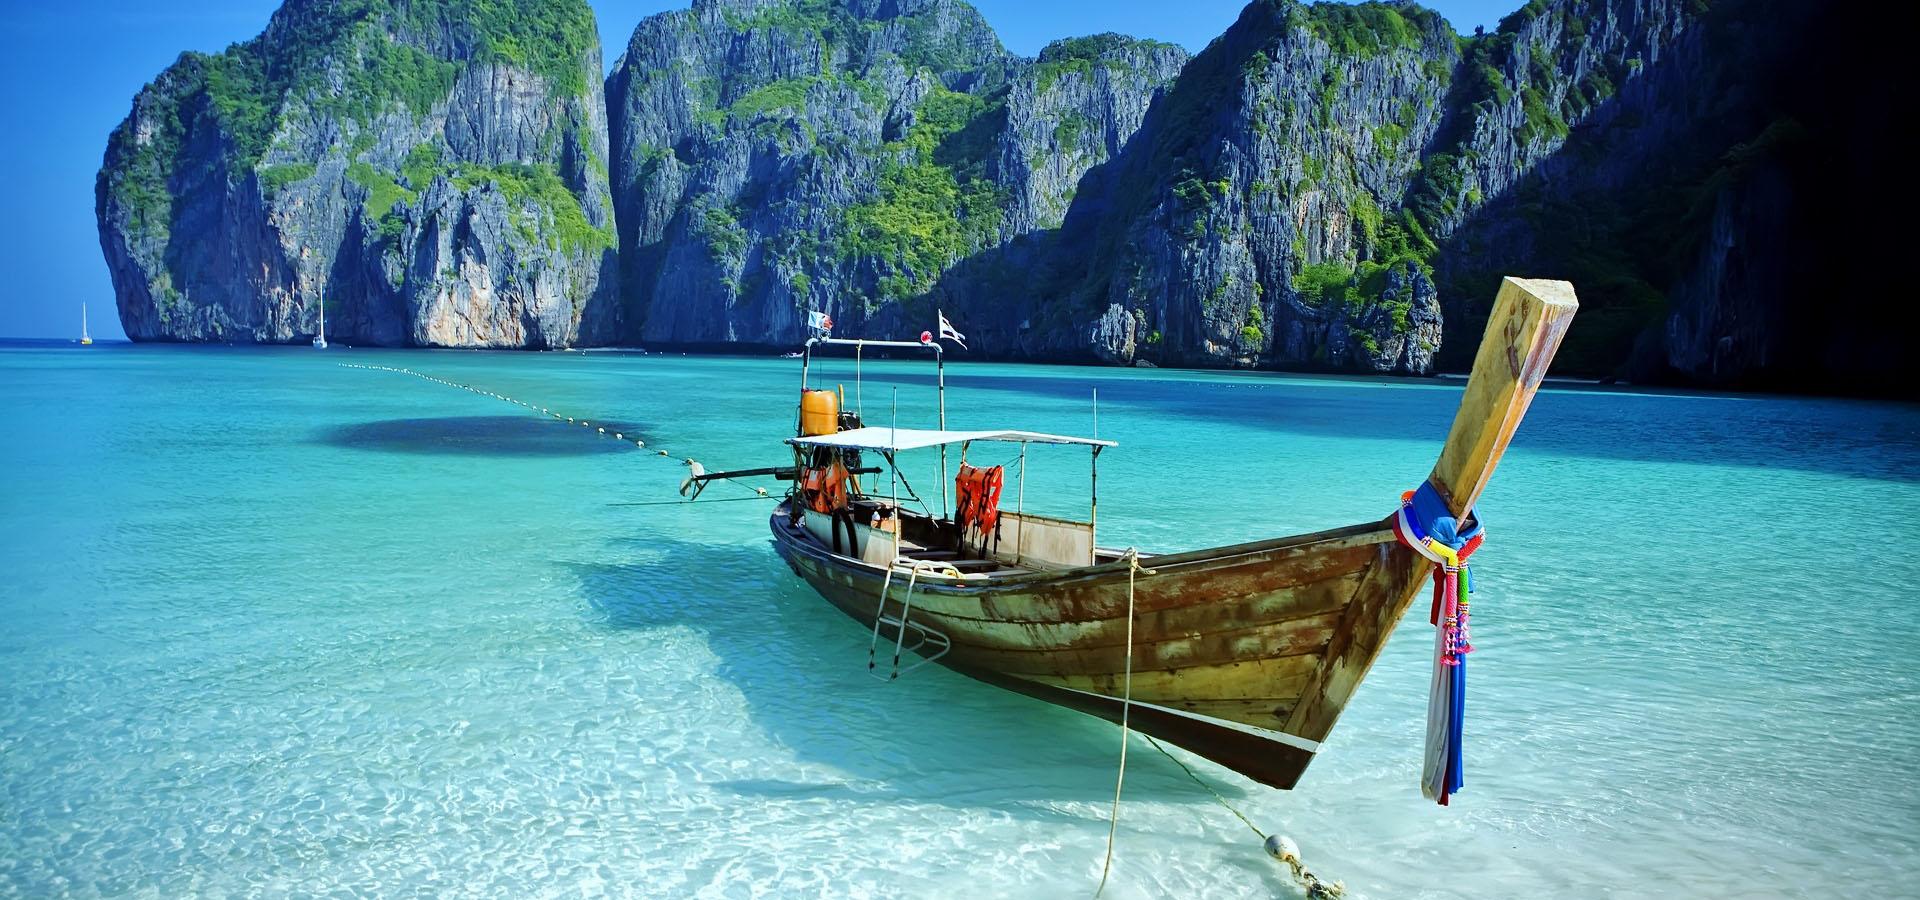 Thailandia Mare delle Andamane con Barca in riva